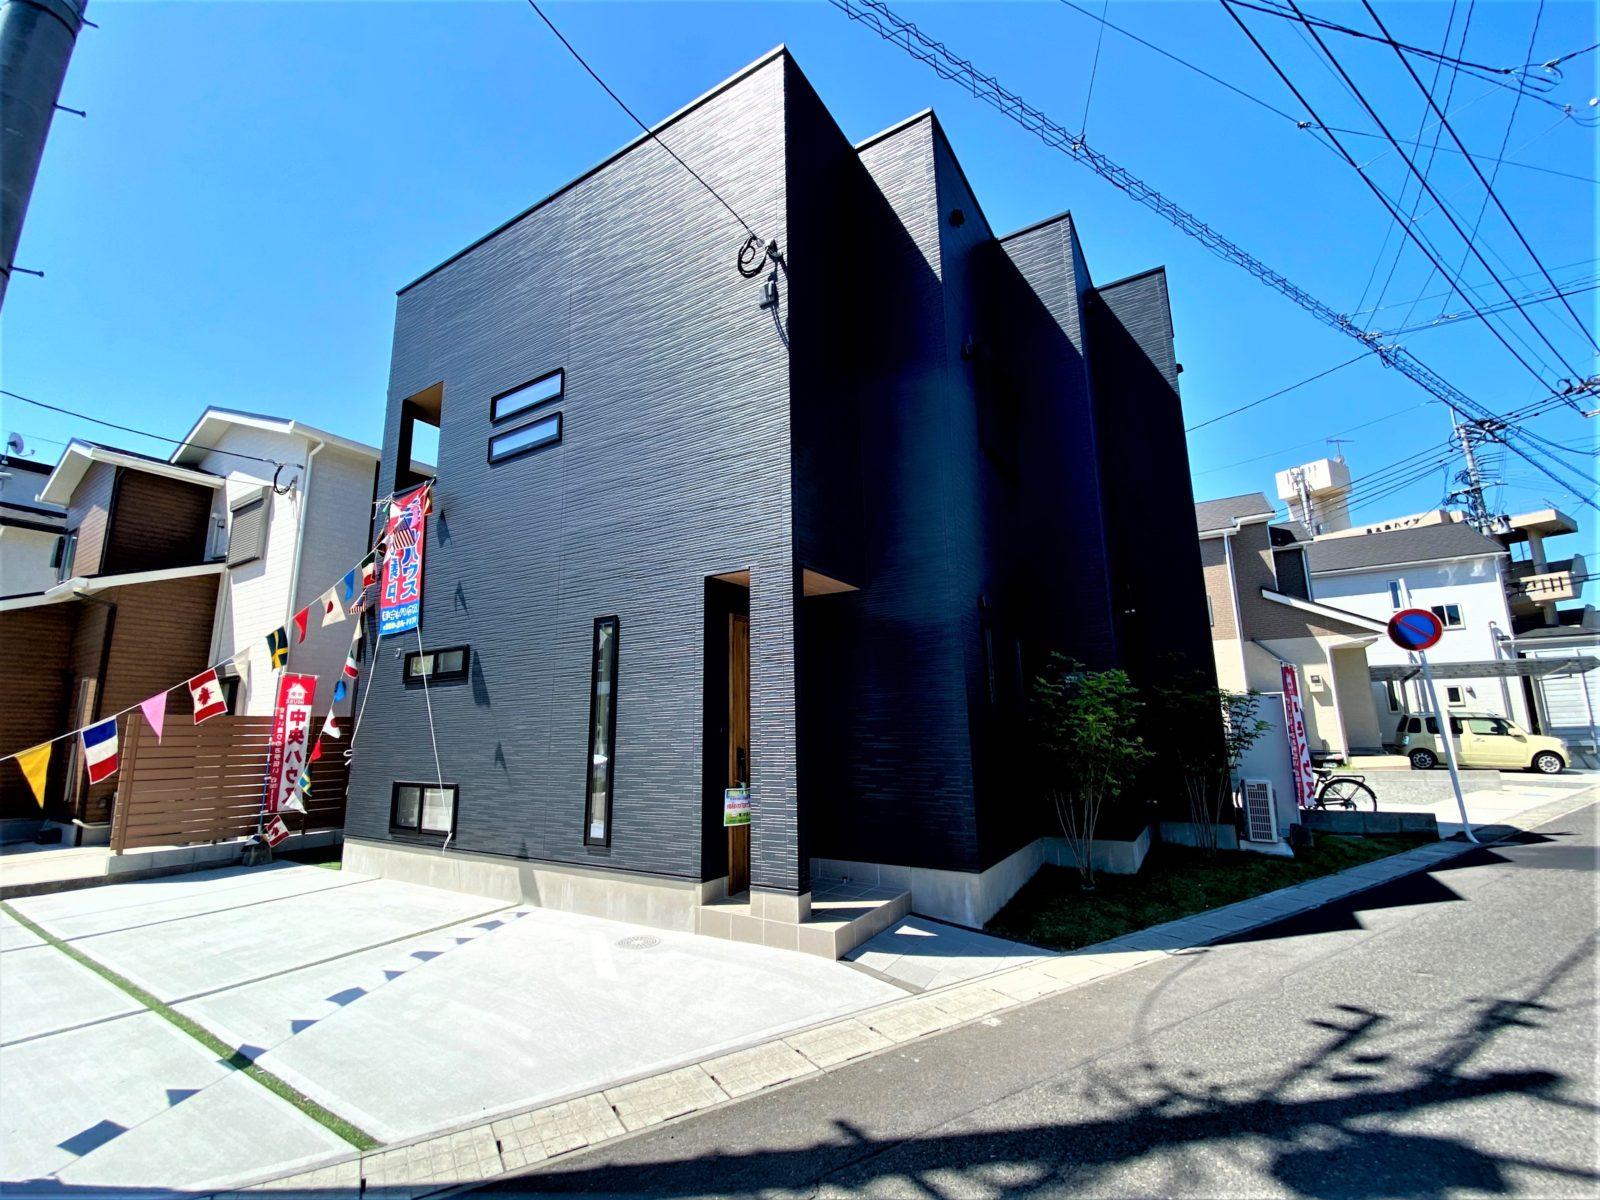 鹿児島市東谷山5丁目でオープンハウス 採光豊かな吹き抜けのあるお家